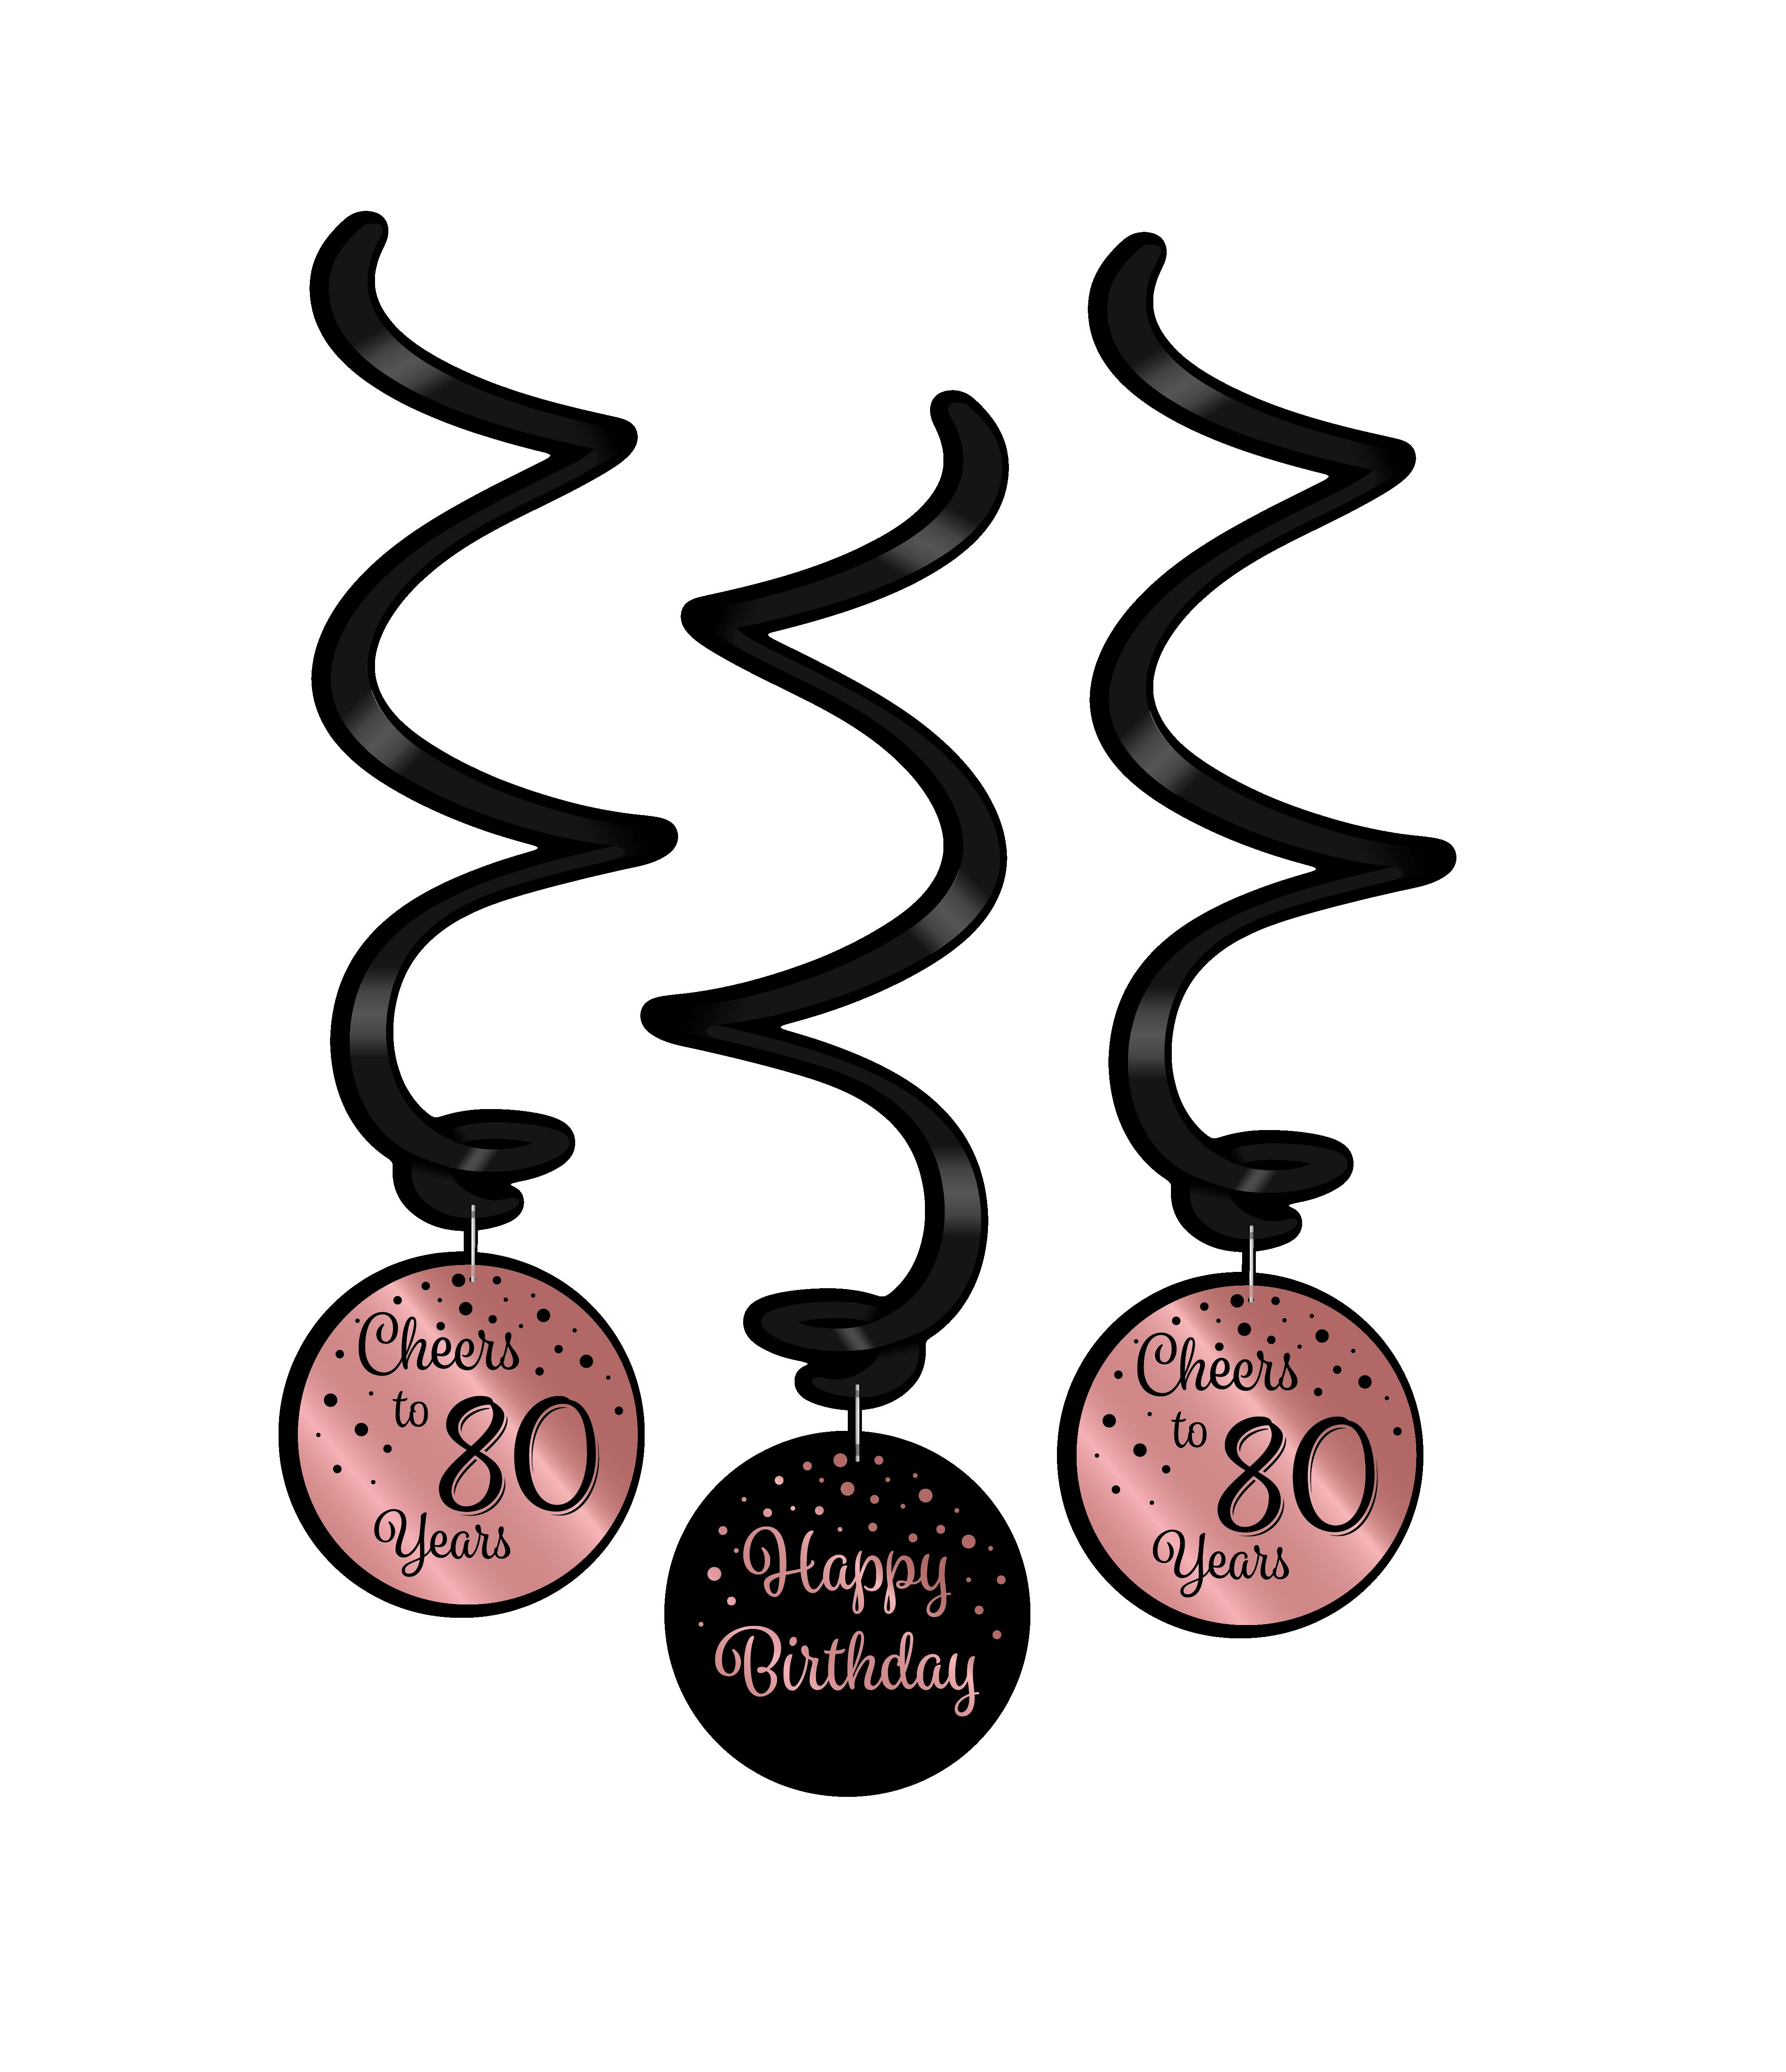 3st Hangdeco Roségoud/Zwart Cheers to 80 Years